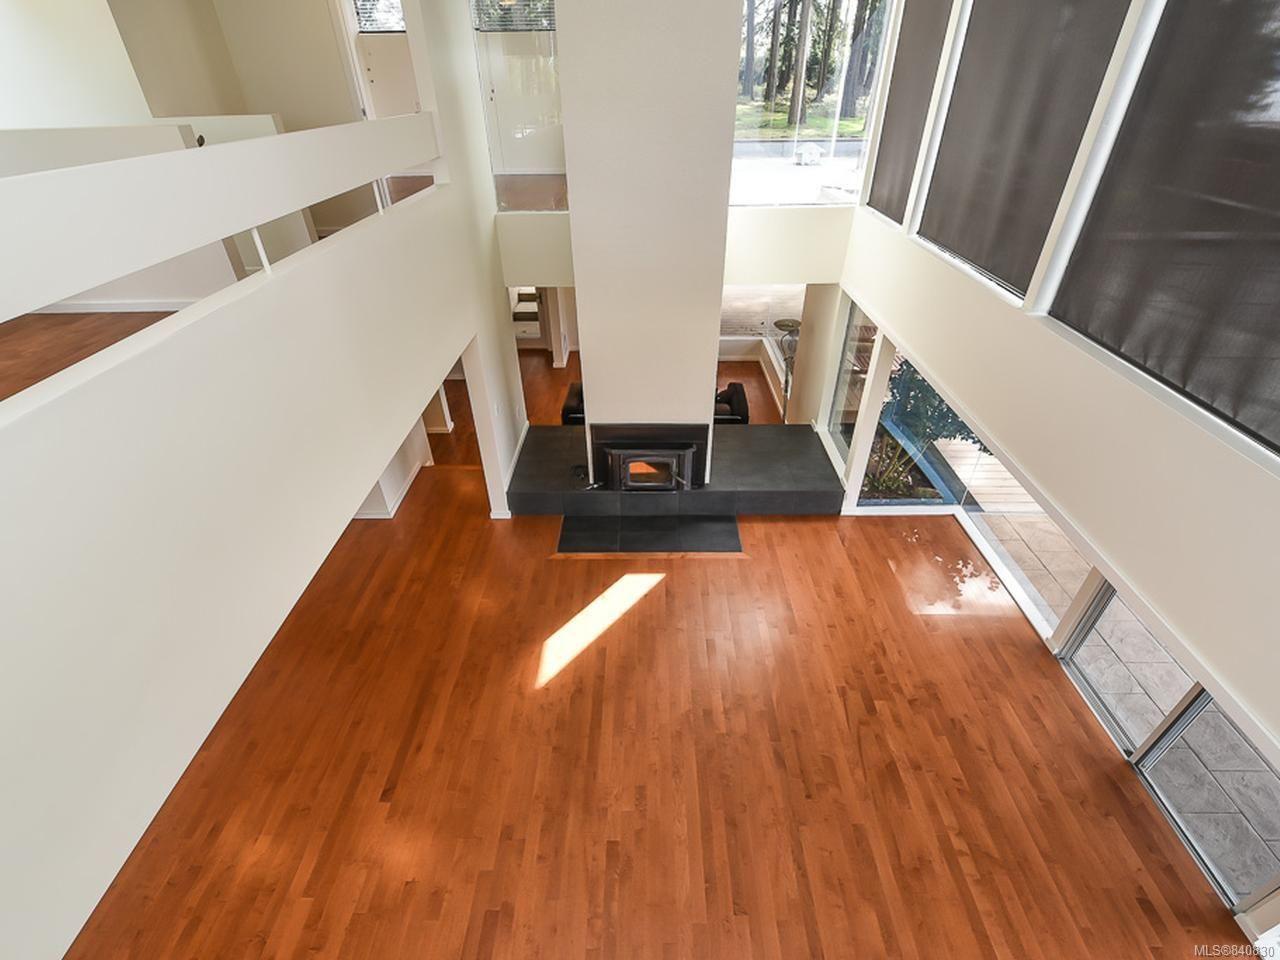 Photo 5: Photos: 1156 Moore Rd in COMOX: CV Comox Peninsula House for sale (Comox Valley)  : MLS®# 840830